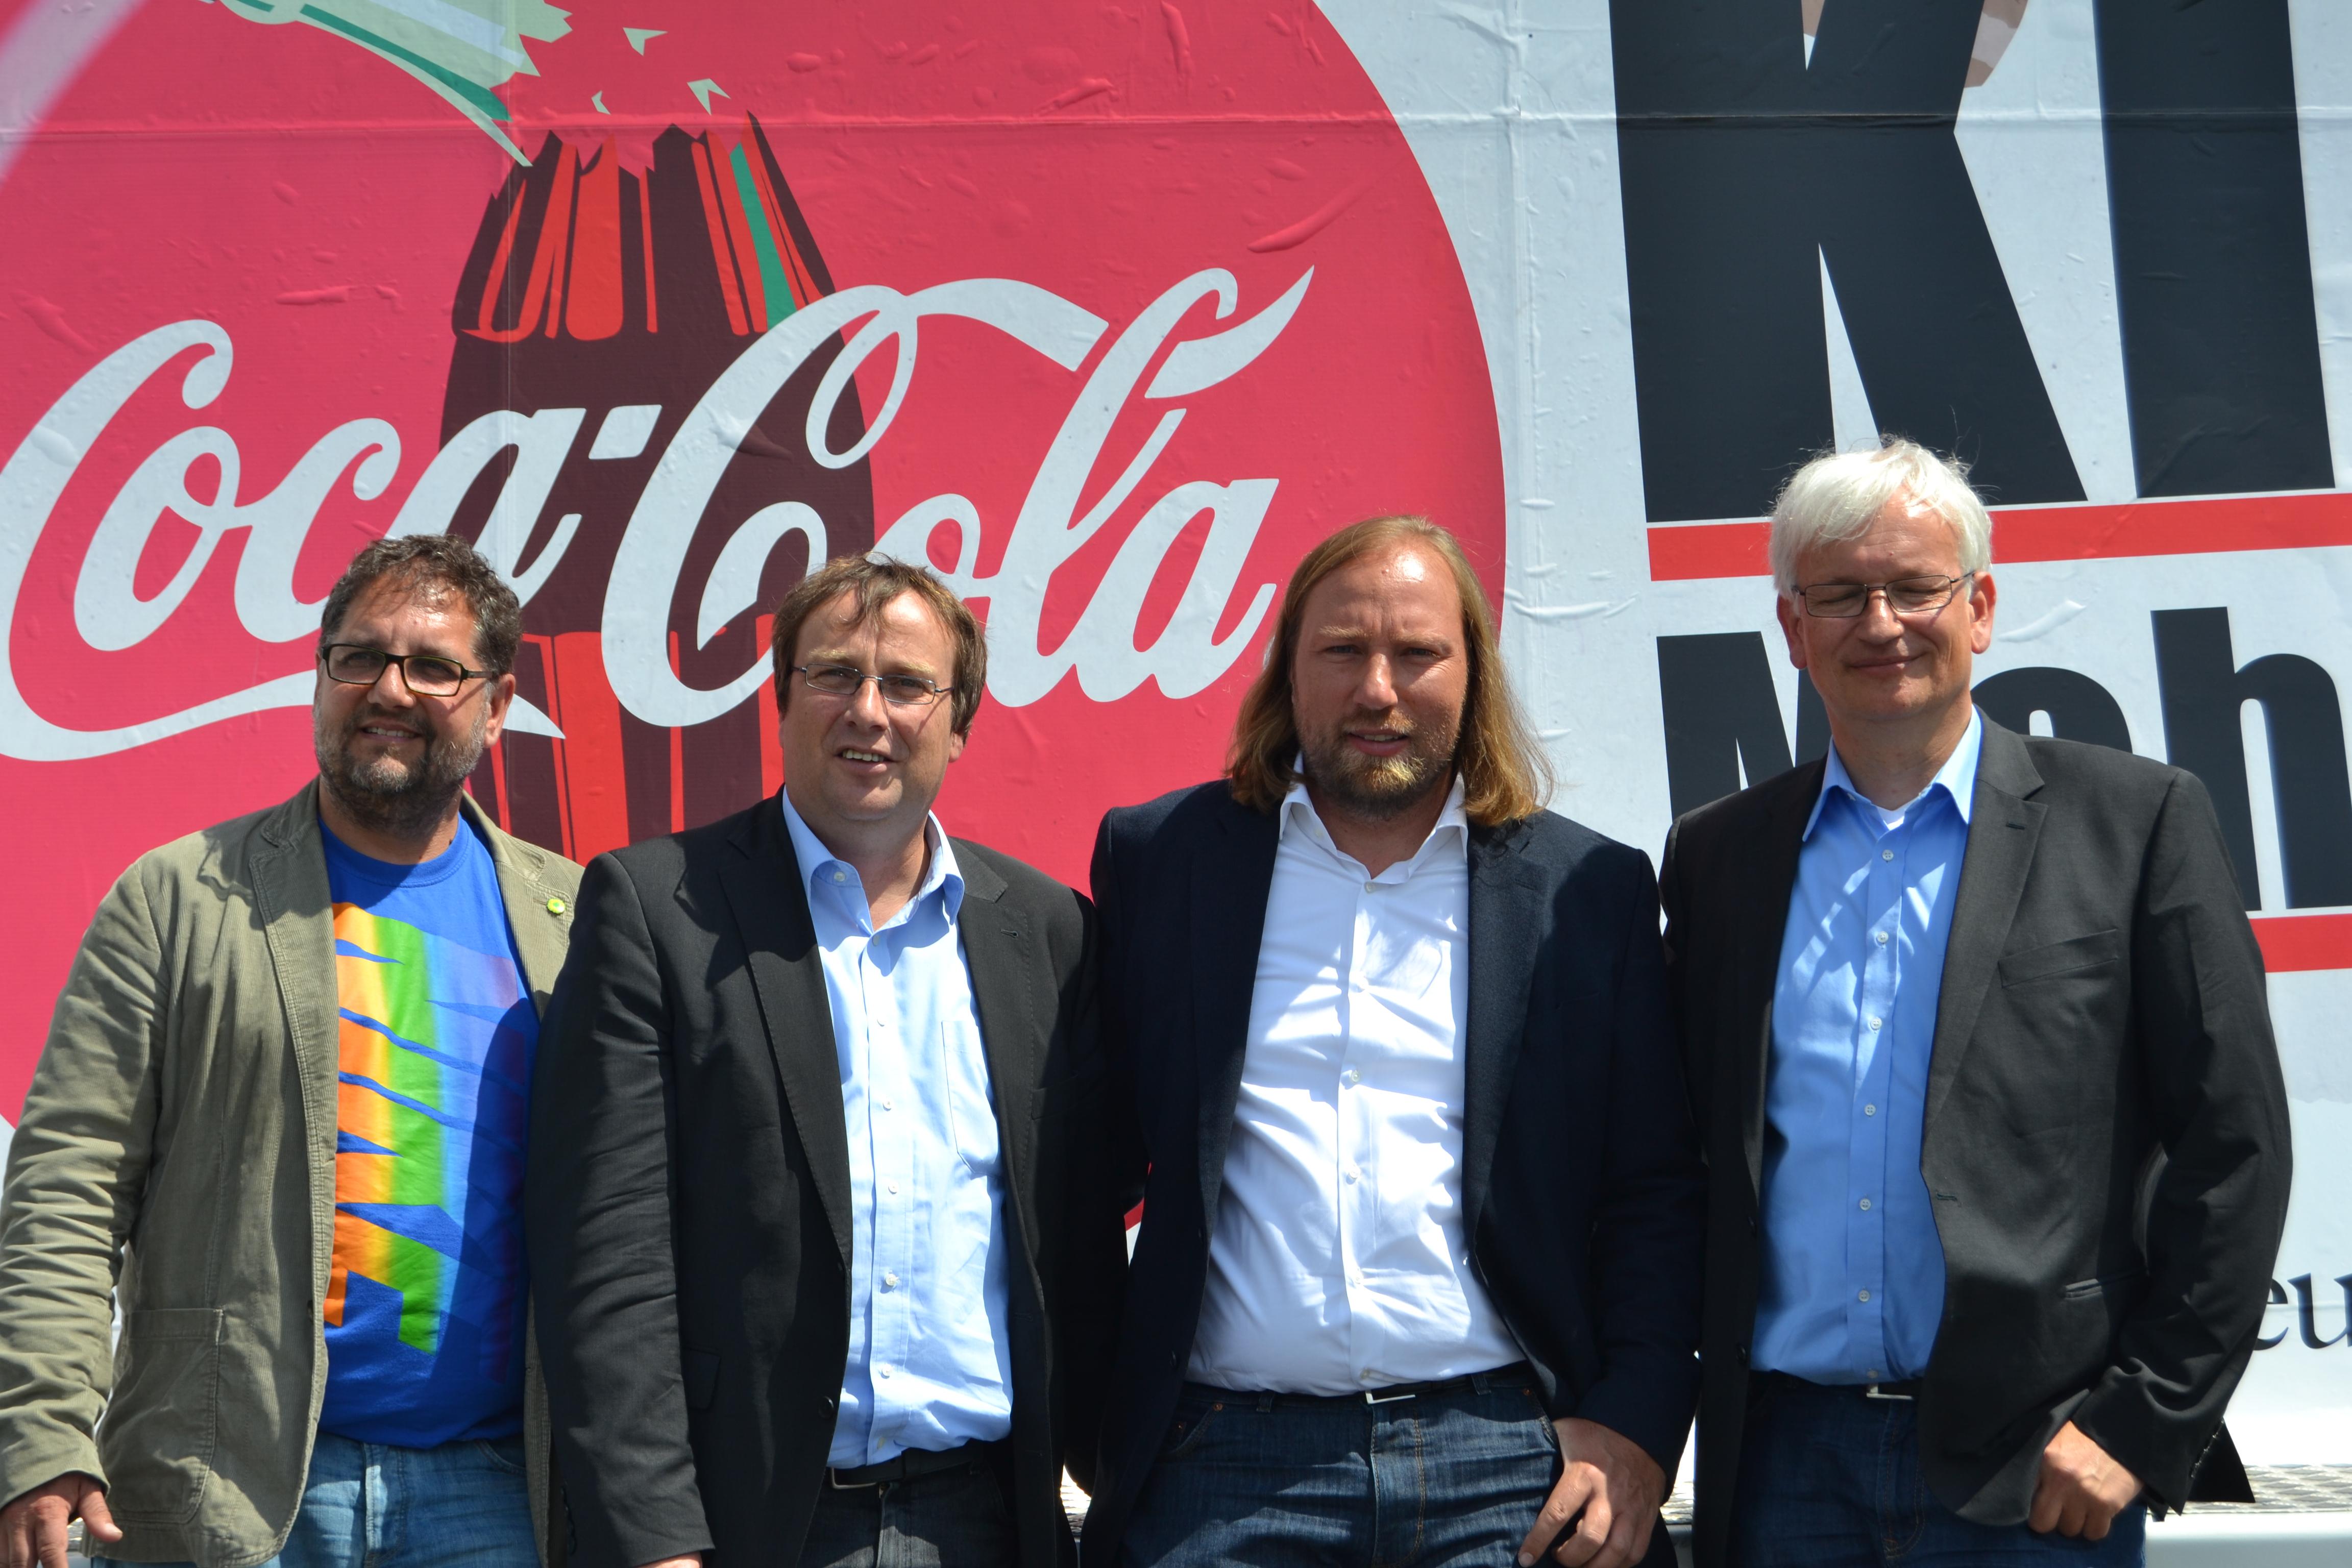 Gute Gespräche zu mehr Umweltschutz mit Jürgen Resch (DUH) und meinen Grünen Kollegen Toni Hofreiter und Oliver Krischer